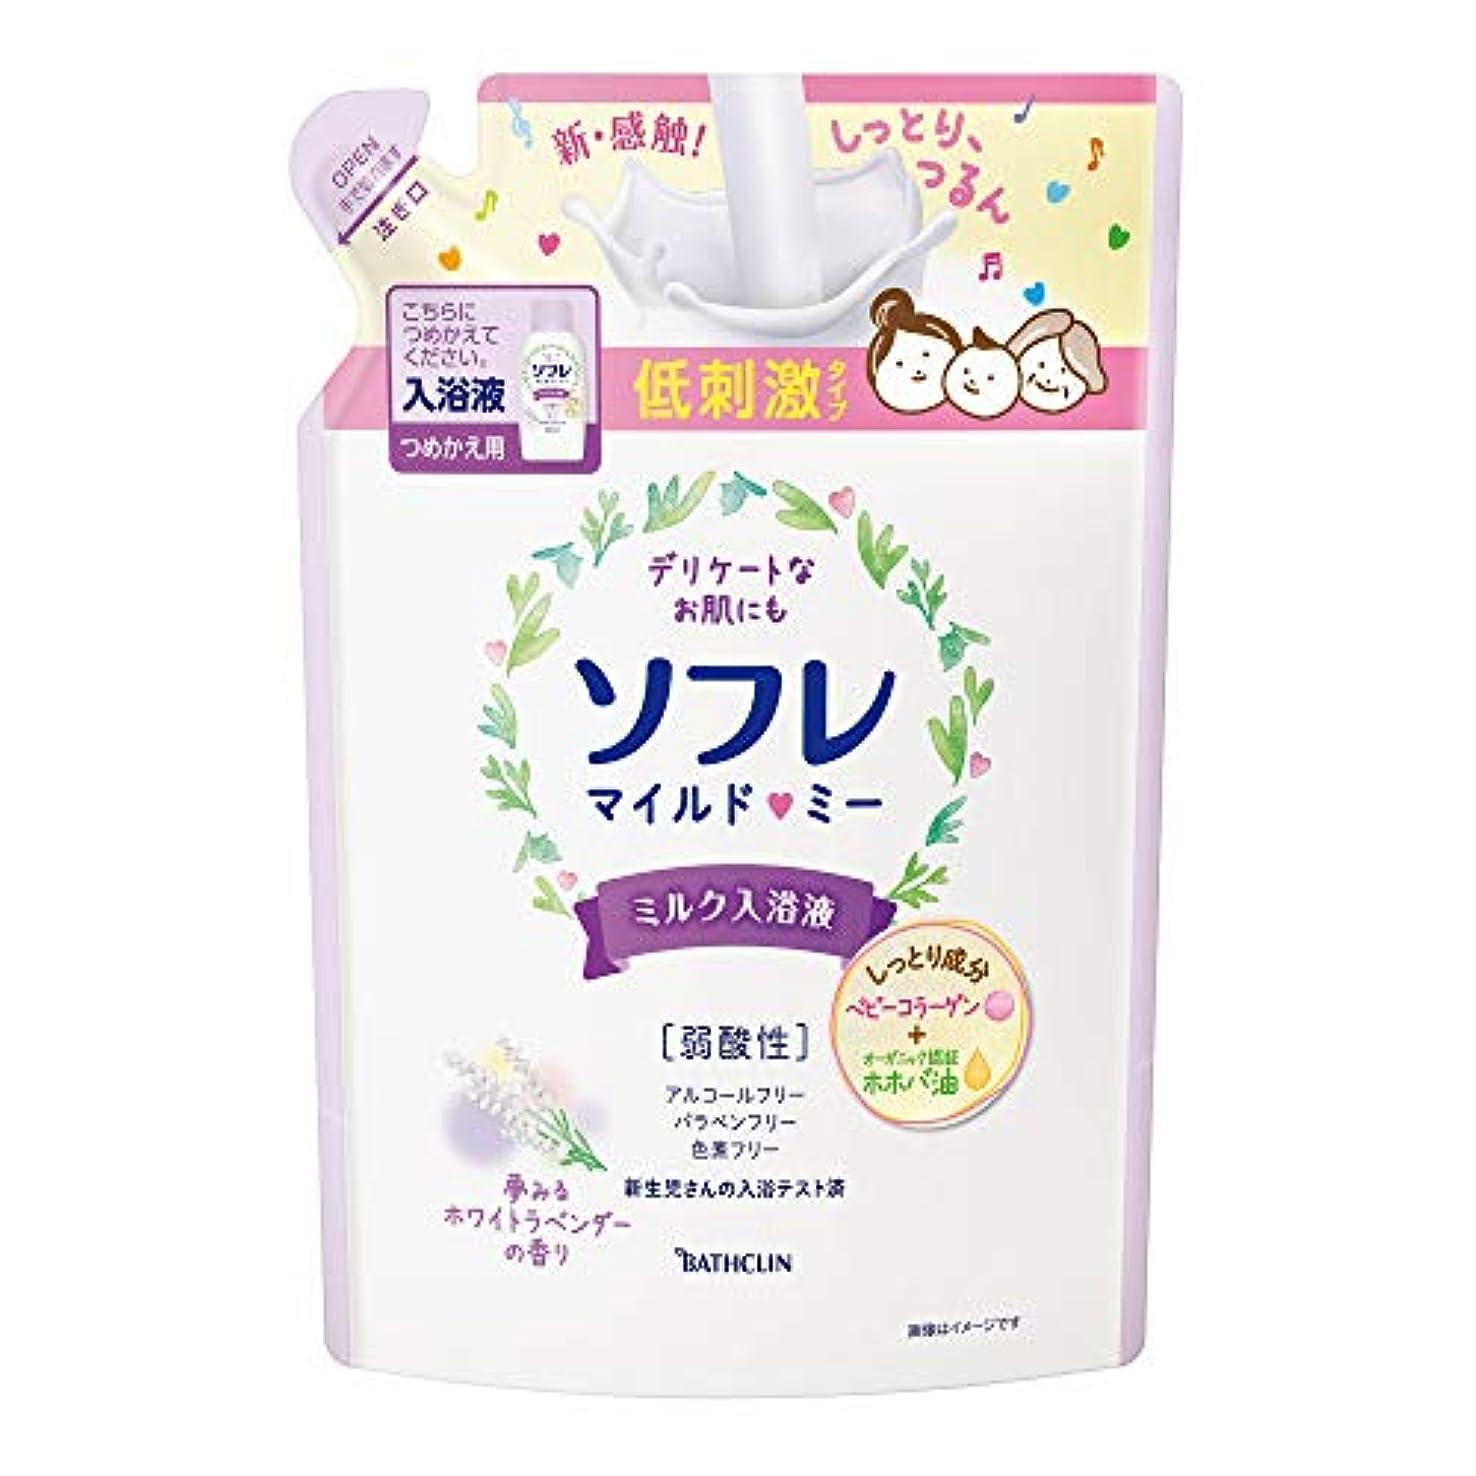 セント白内障トランザクションバスクリン ソフレ入浴液 マイルド?ミー ミルク 夢みるホワイトラベンダーの香り つめかえ用 600mL保湿 成分配合 赤ちゃんと一緒に使えます。